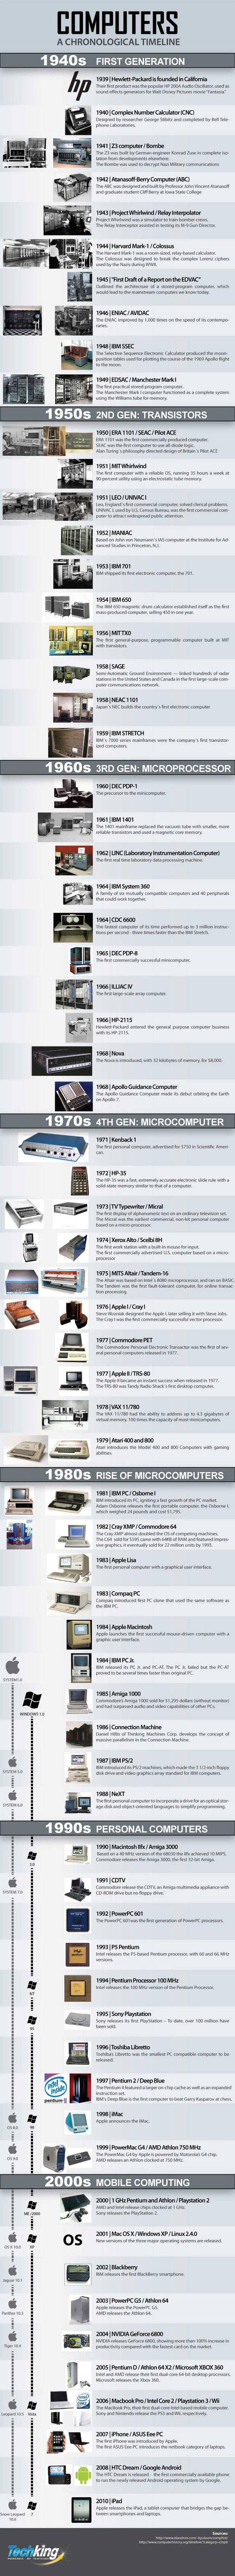 Mon coin sur le web blog archive ordinateurs chronologie de l 39 inventio - Invention de l ordinateur ...